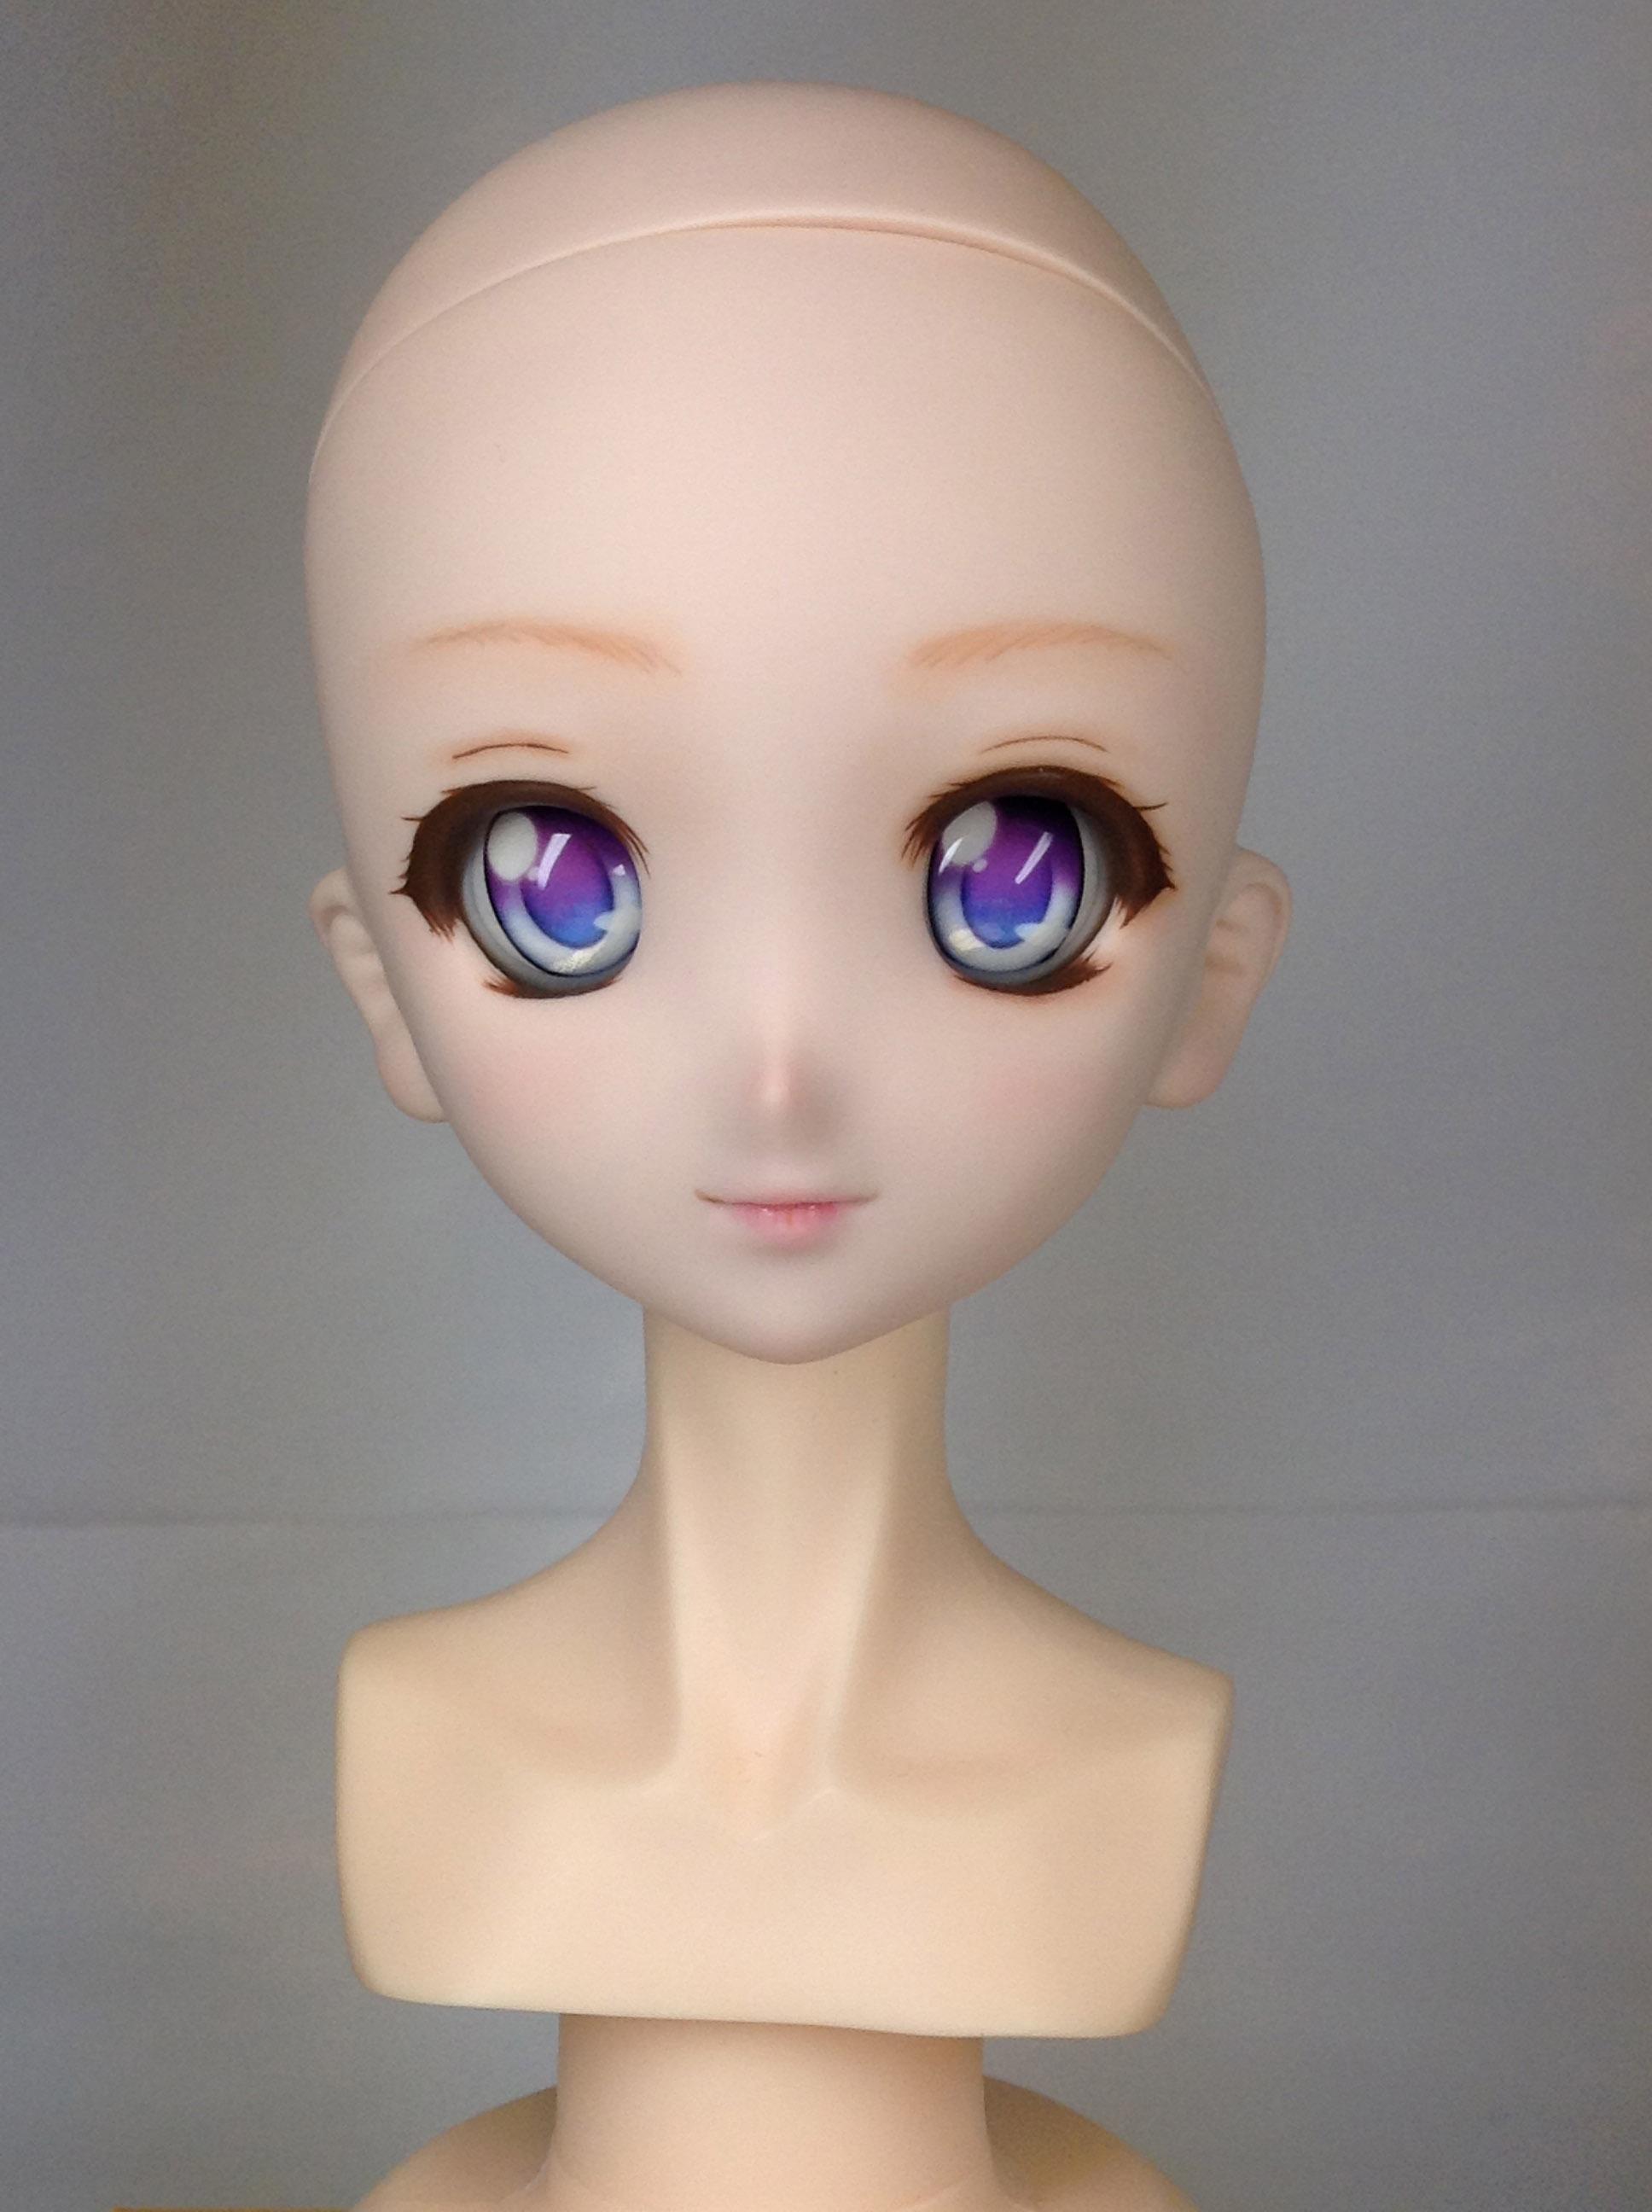 幻想少女人形會館アルバム2015 - 幻想少女人形會館